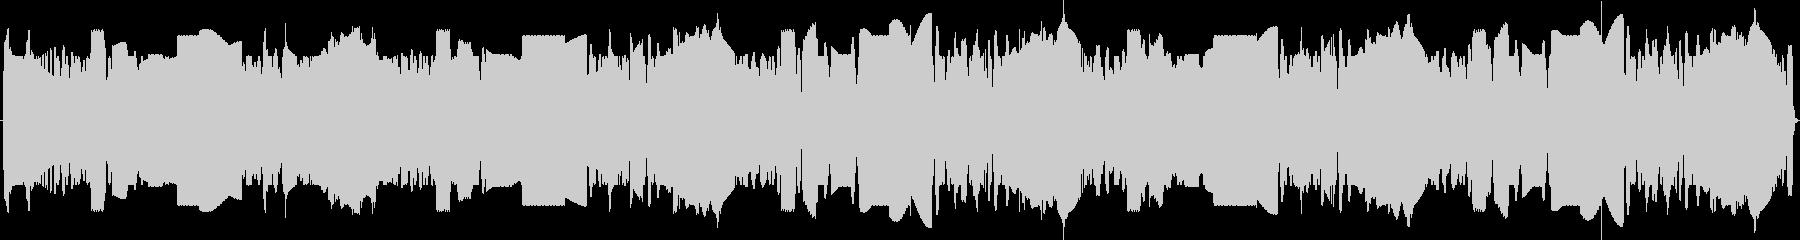 ロボット風の電子音の未再生の波形